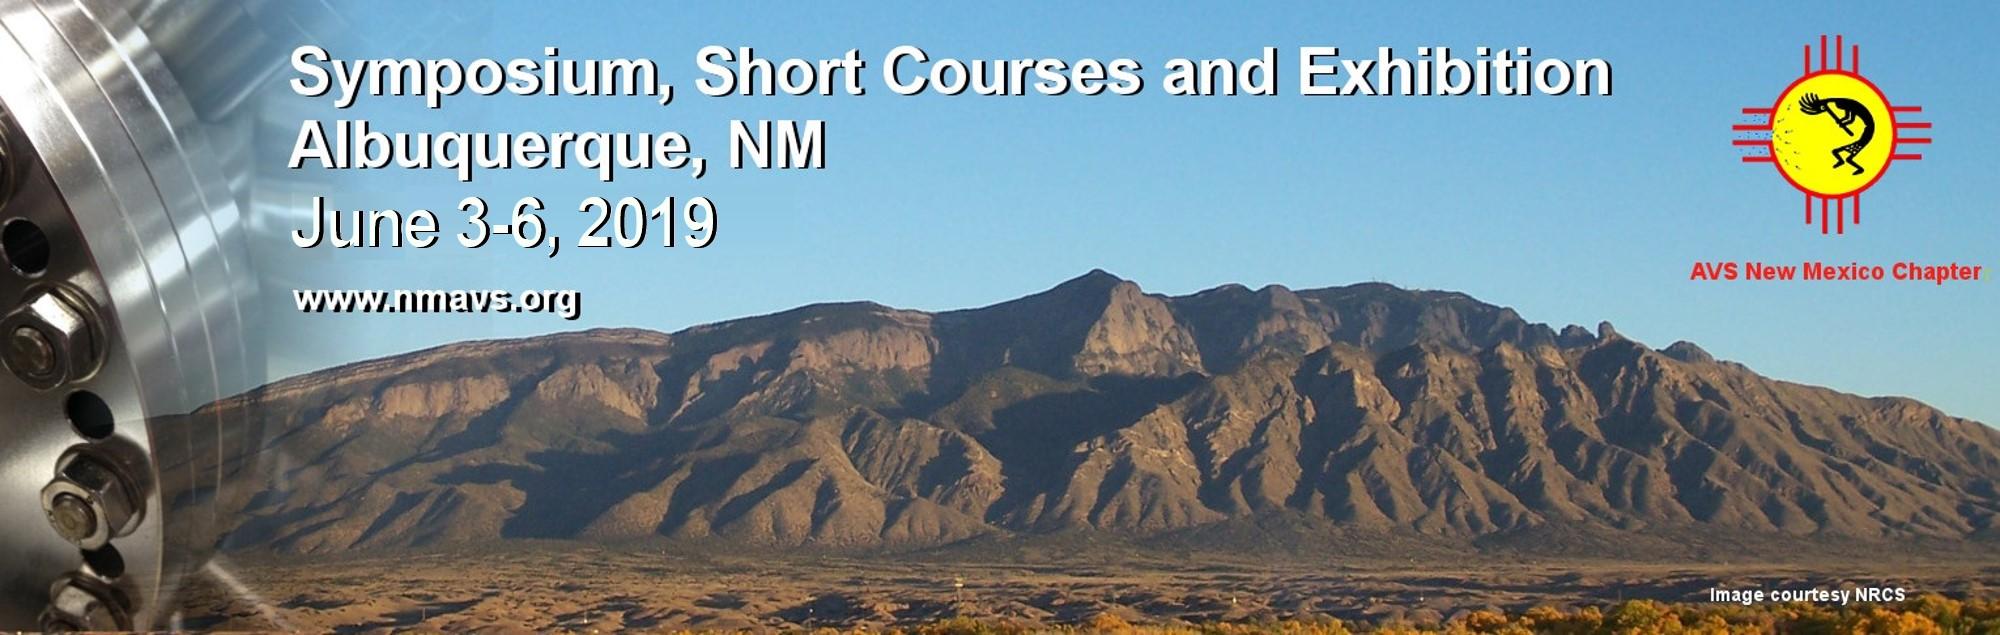 AVS New Mexico